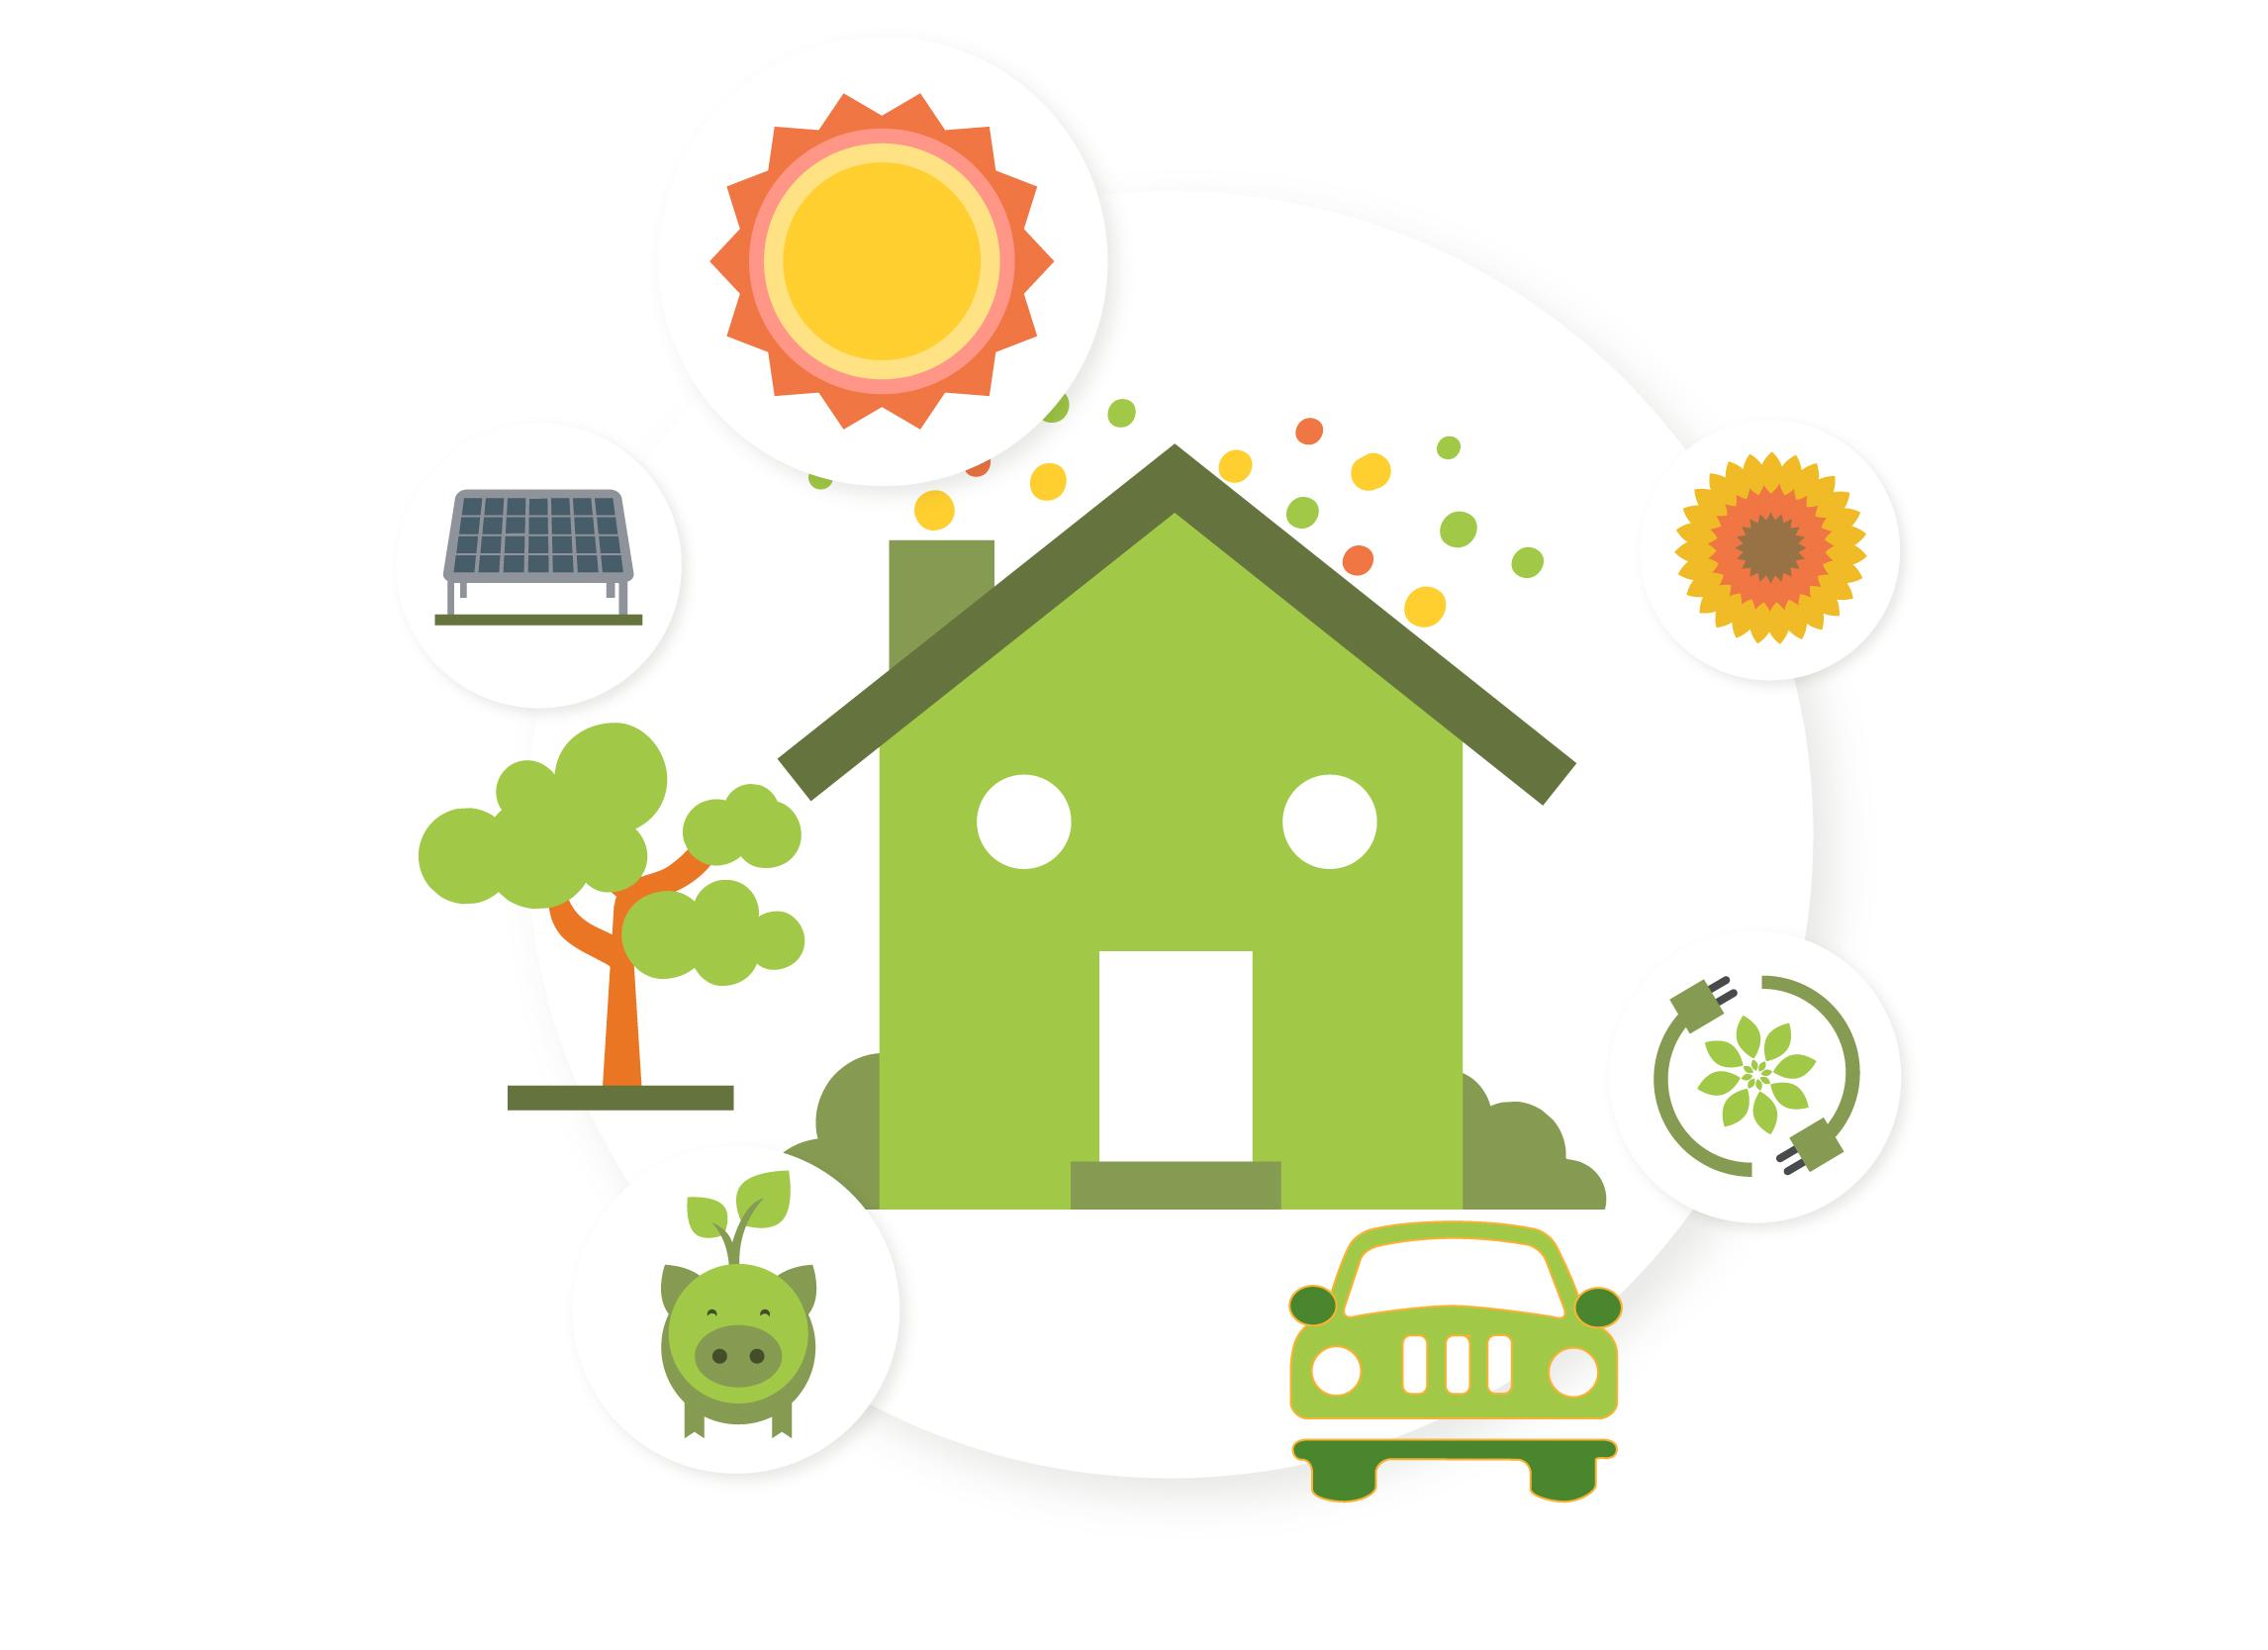 energiekonzepte ls solar. Black Bedroom Furniture Sets. Home Design Ideas